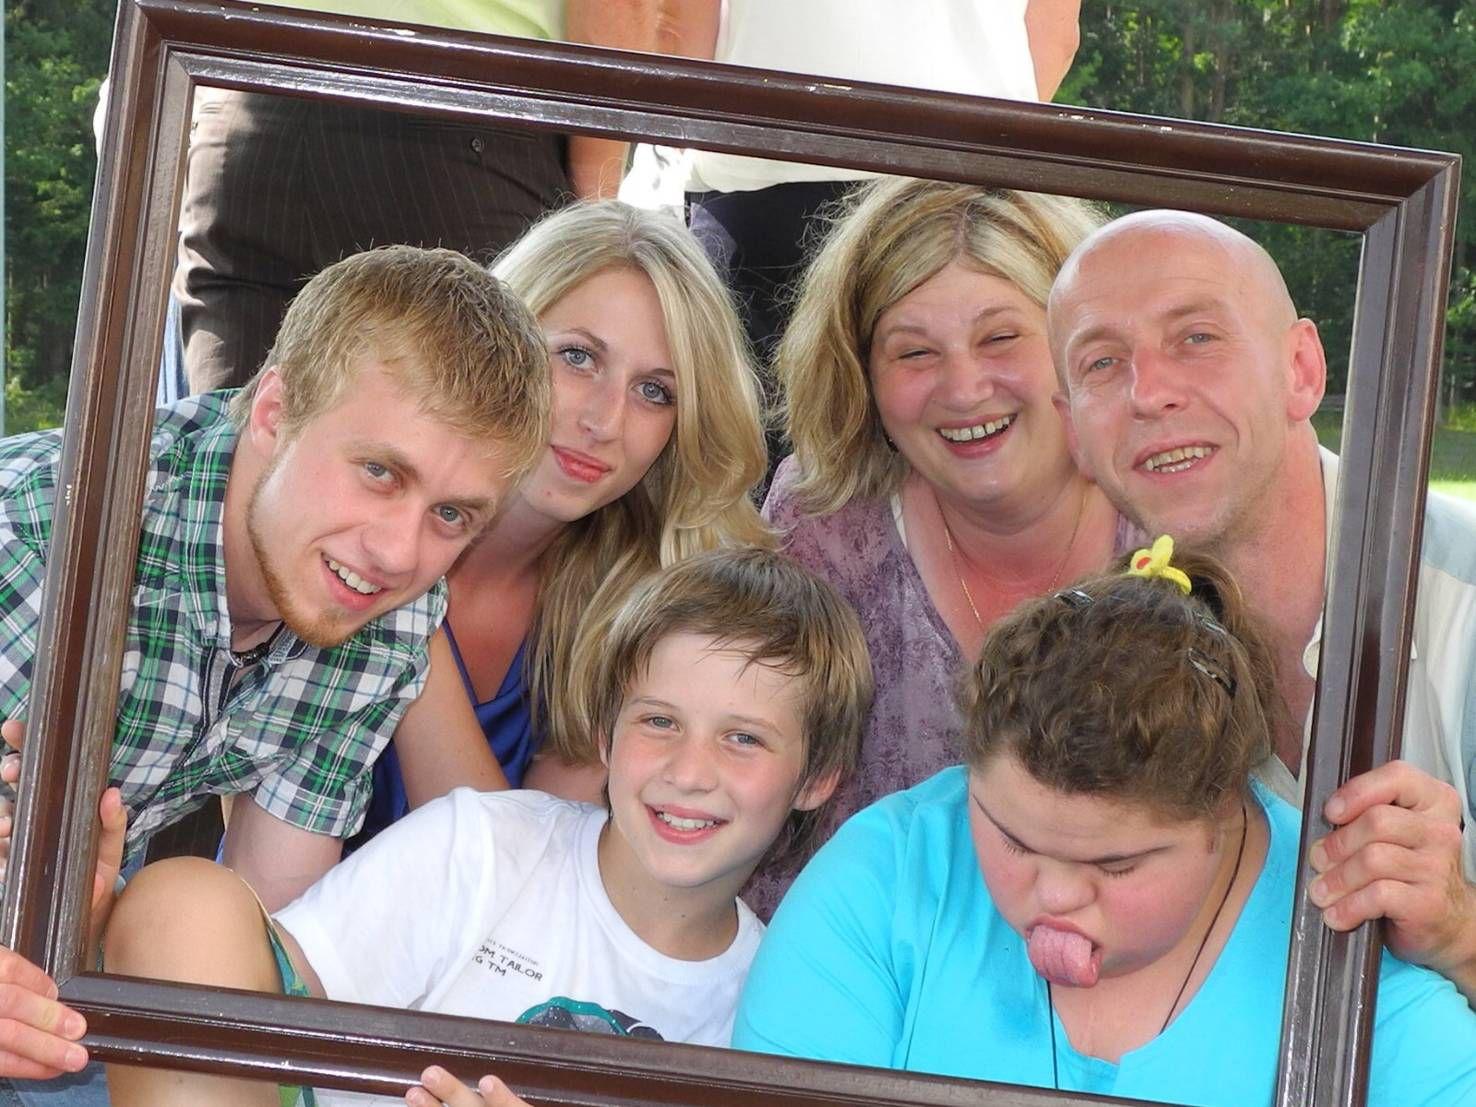 Als Familie gehen sie durch dick und dünn (von links): Philipp, Kathrin, Tim, Marion, Selina und Michael Glaser.